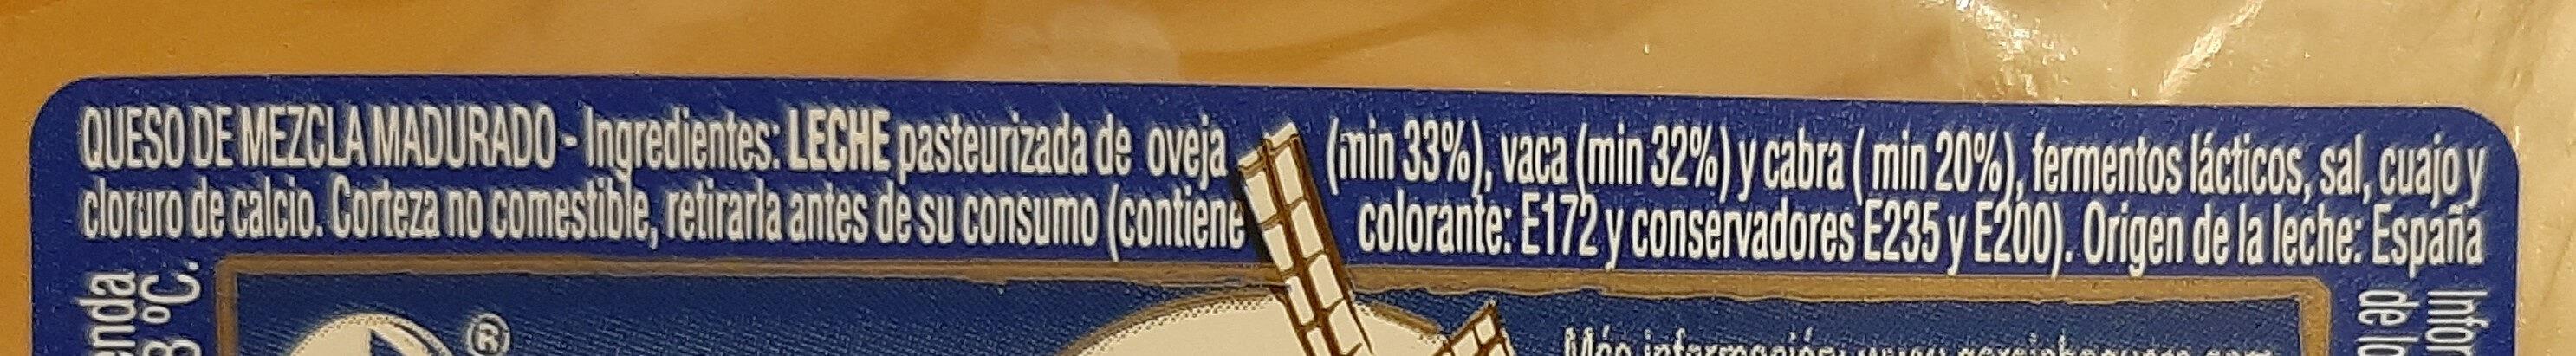 Fromage semicurado - Ingredientes - es